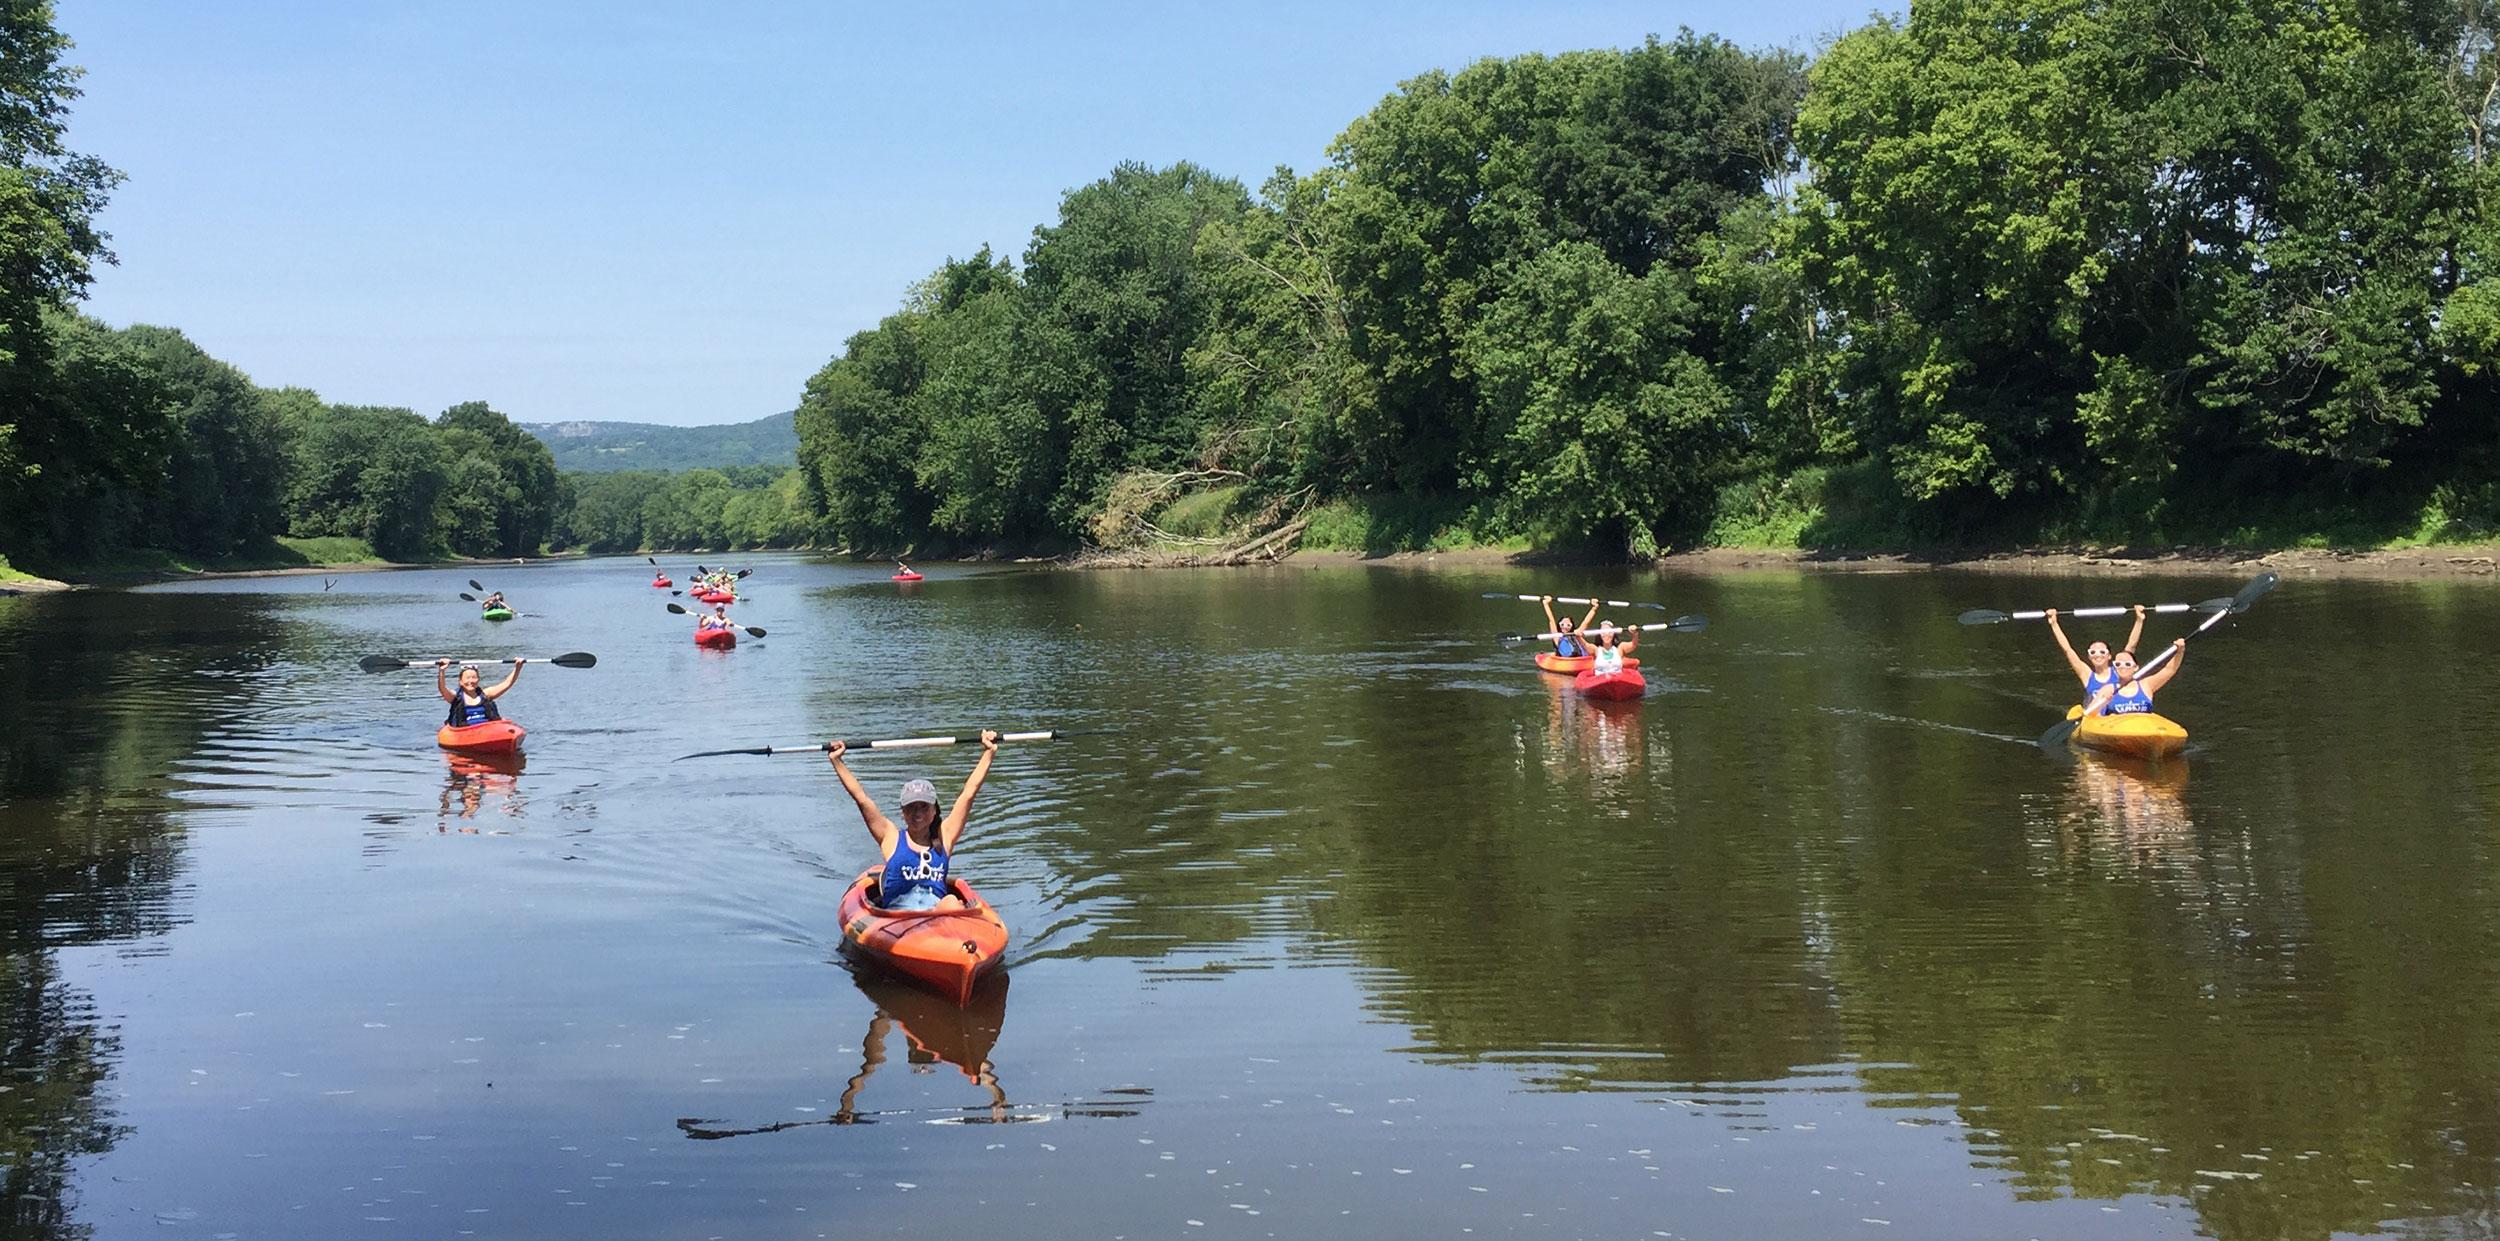 Kingston kayaking rentals